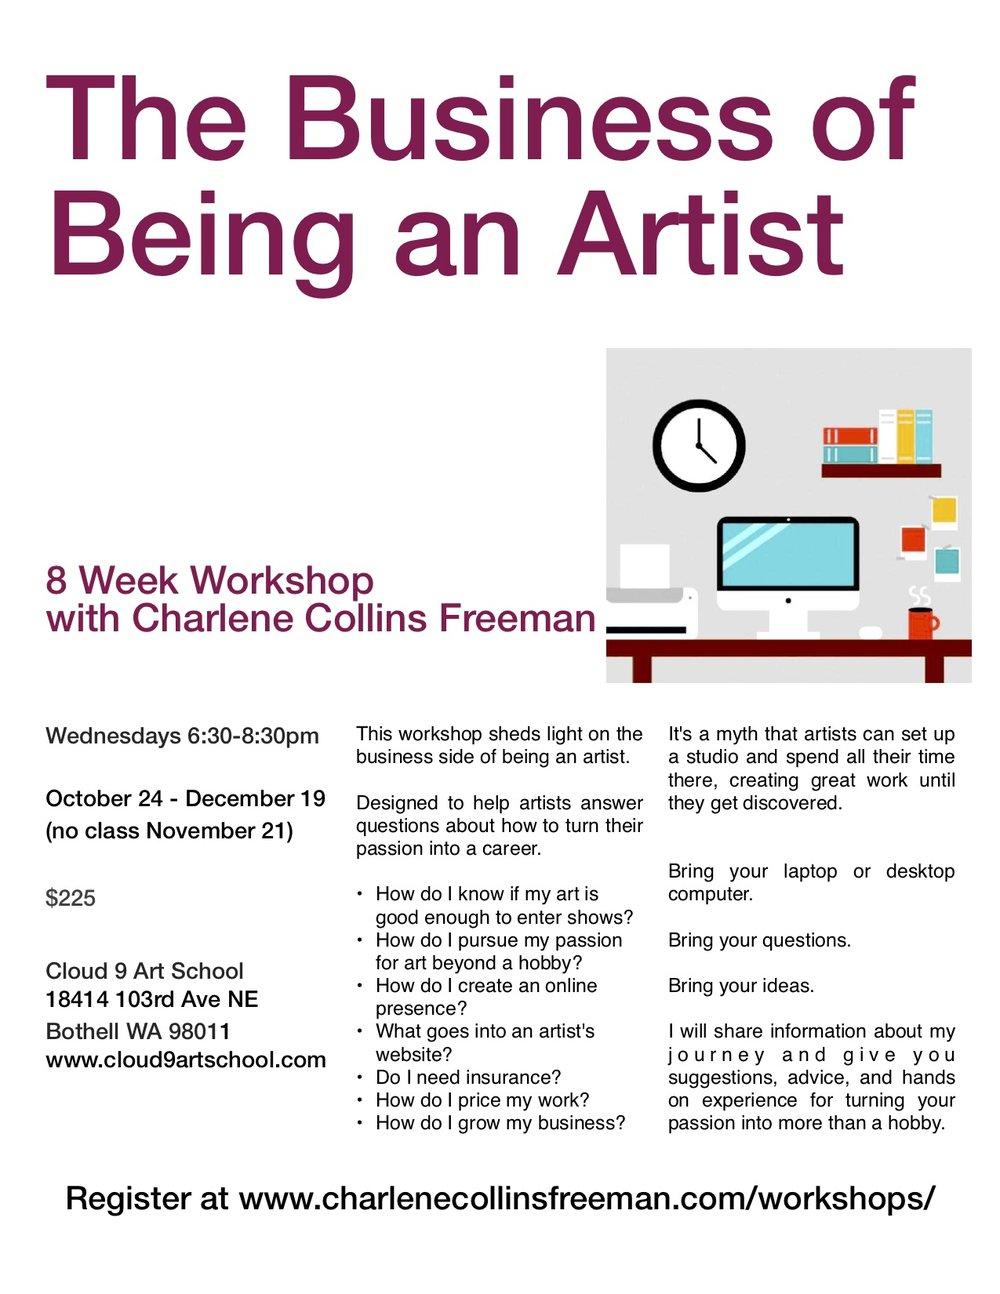 The Business of Being an Artist.jpg